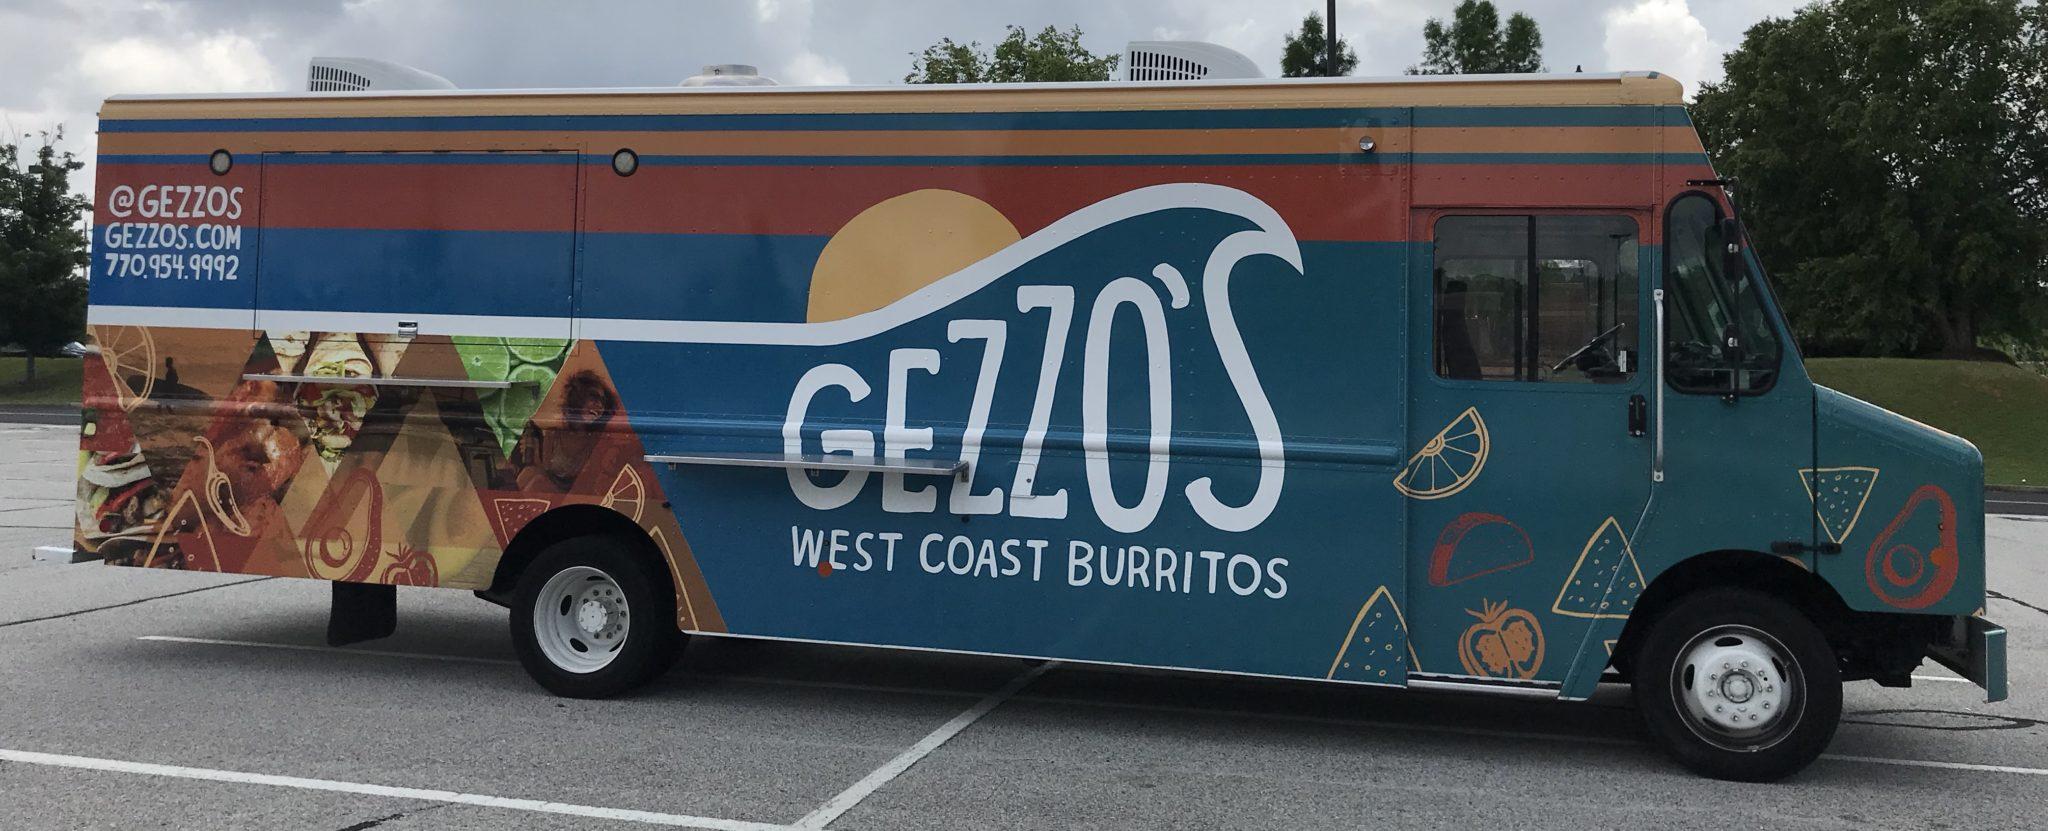 gez-food-truck-e1535395050928-2048x831.jpg